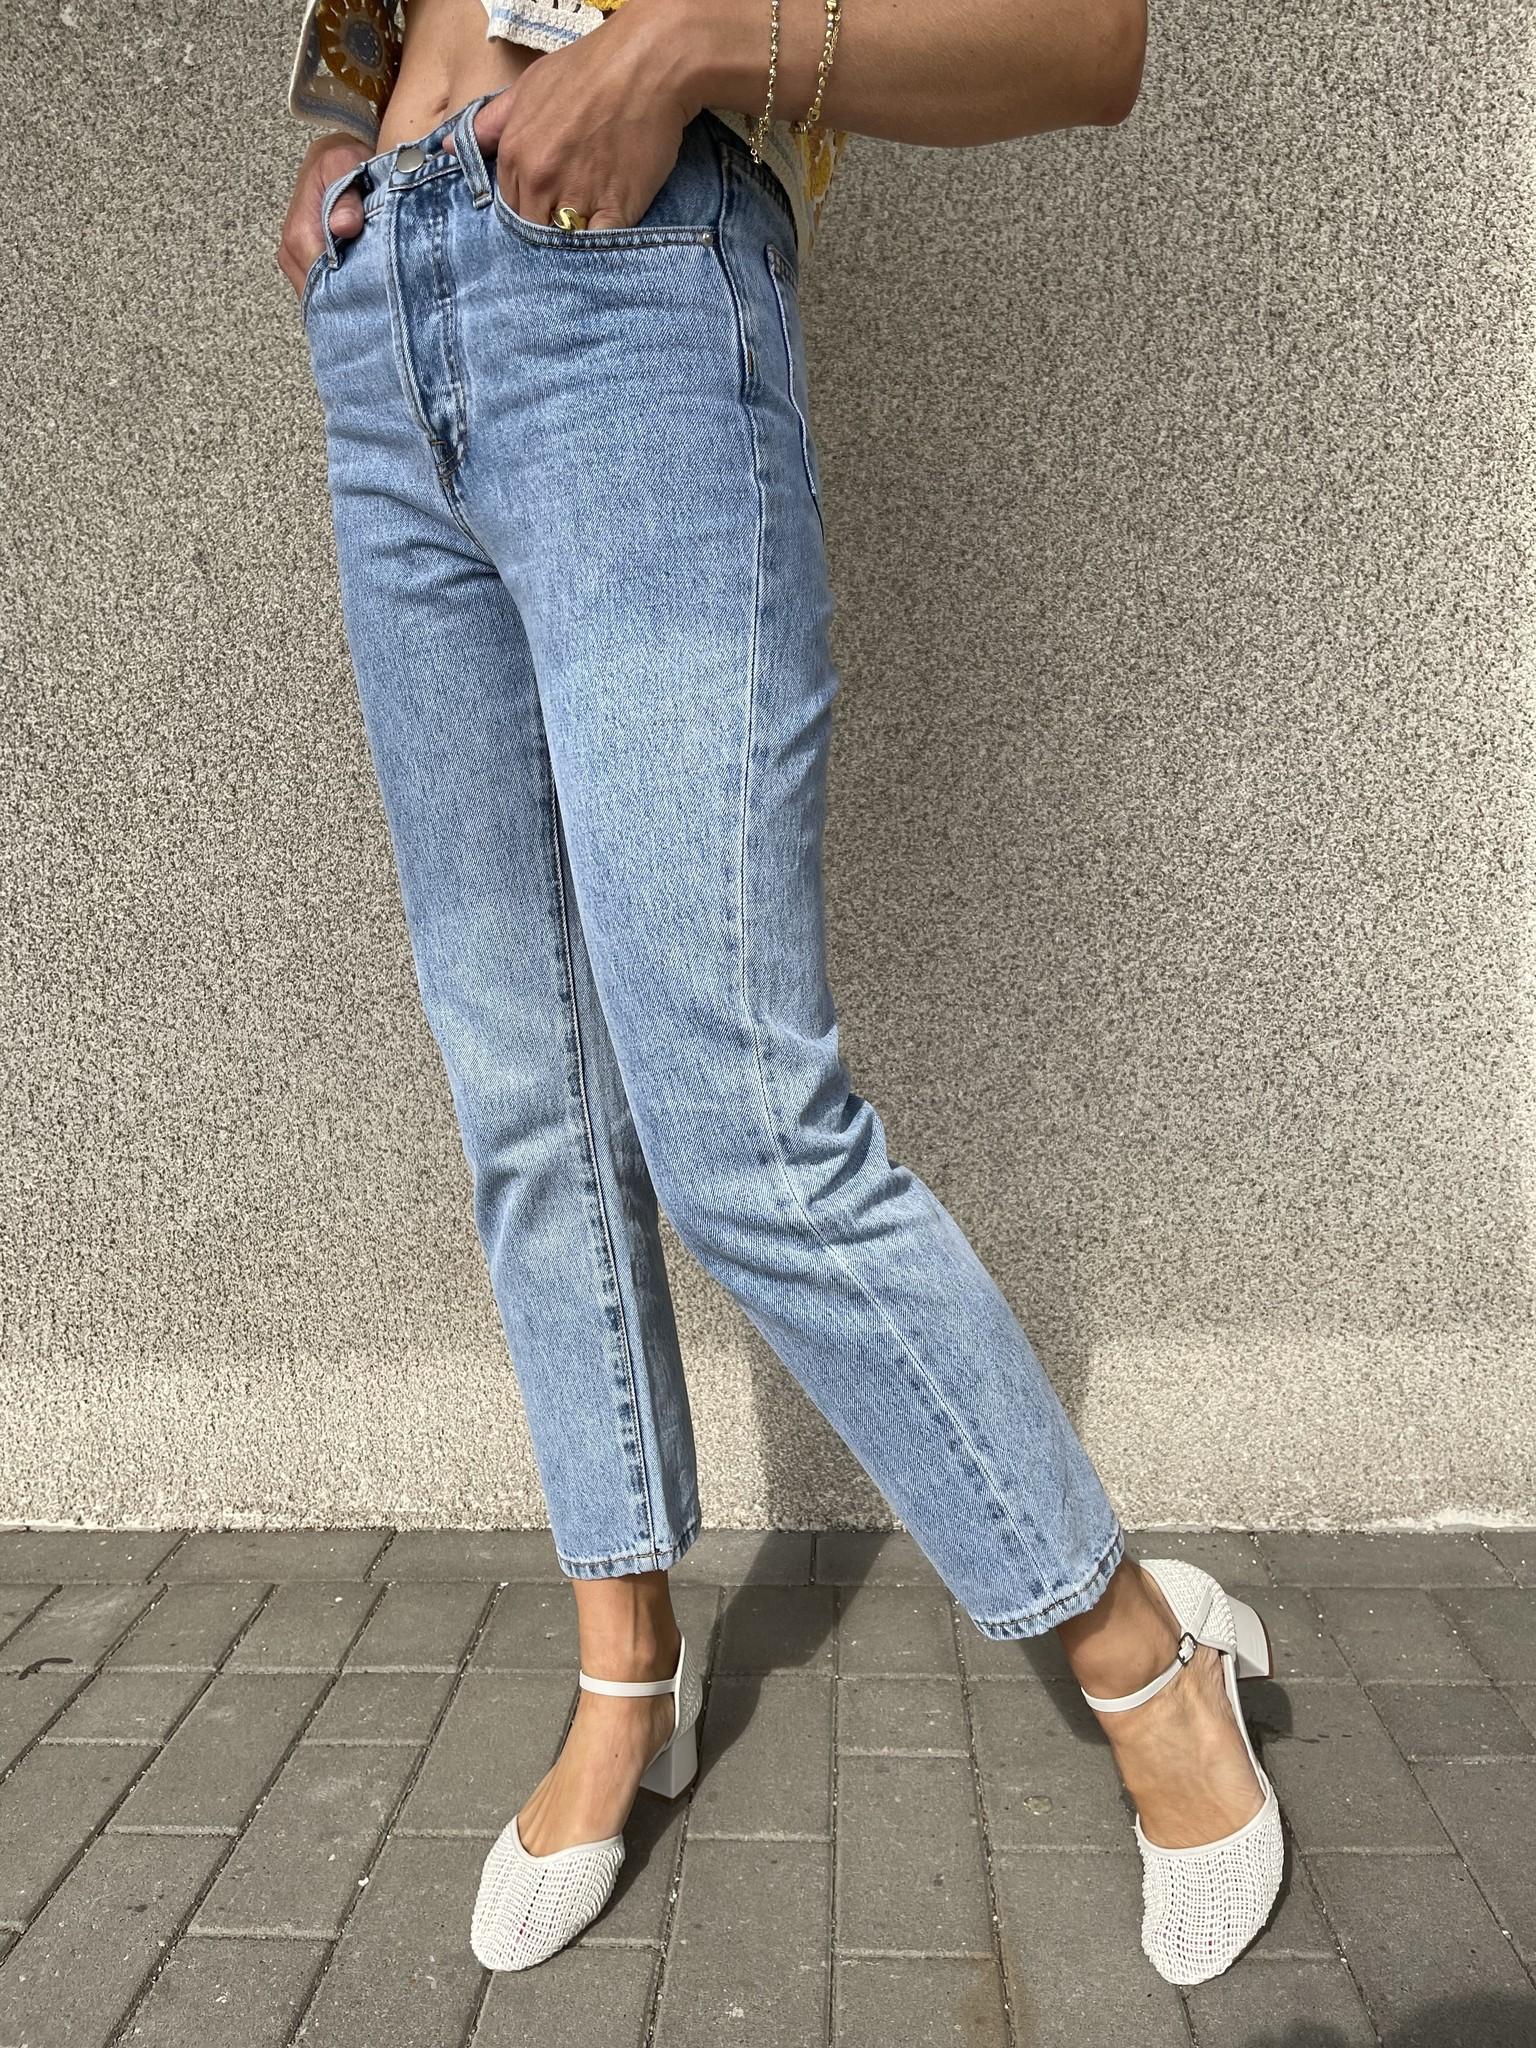 LUCAS jeans-3